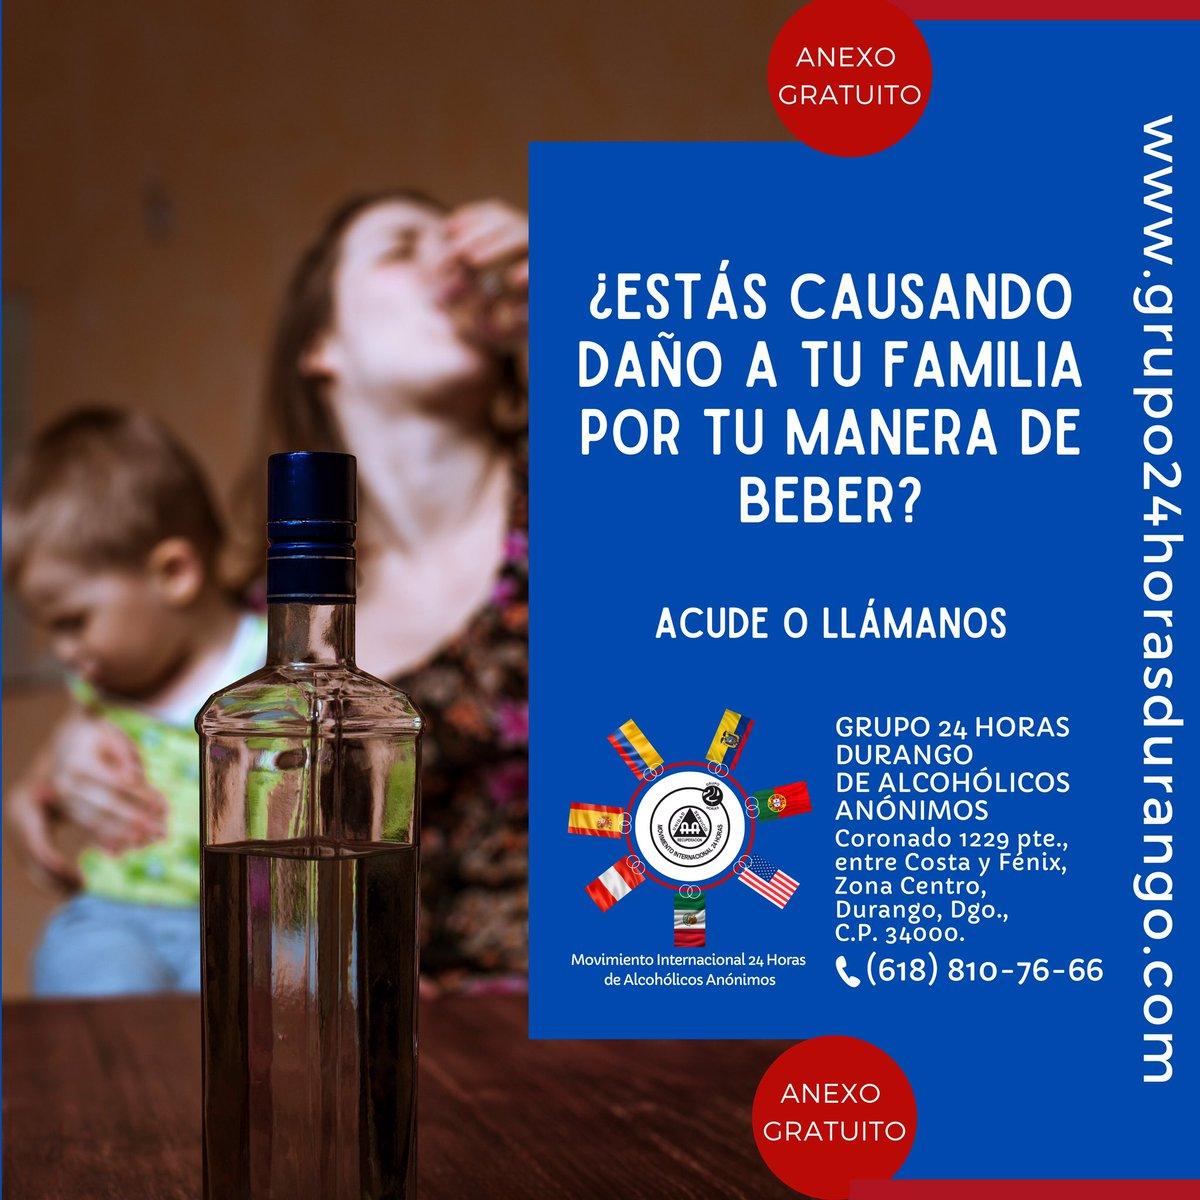 Atendemos problemas de alcoholismo y/o drogadicción.  ANEXO GRATUITO. Grupo 24 Horas Durango de Alcohólicos Anónimos,  Coronado 1229 pte., entre Costa y Fénix, Zona Centro,  Durango, Dgo. Tel: (618)810-76-66  http://grupo24horasdurango.compic.twitter.com/LgyurNLA8n